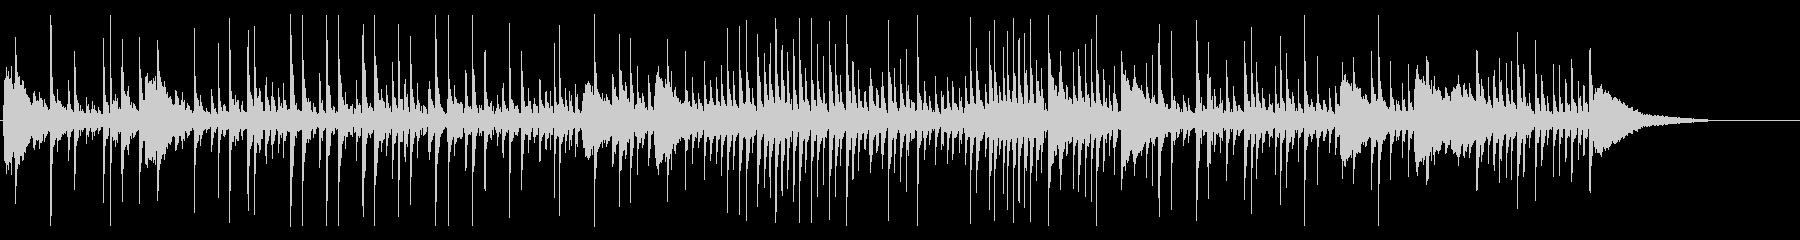 ドラムソロ、音楽、パーカッションド...の未再生の波形